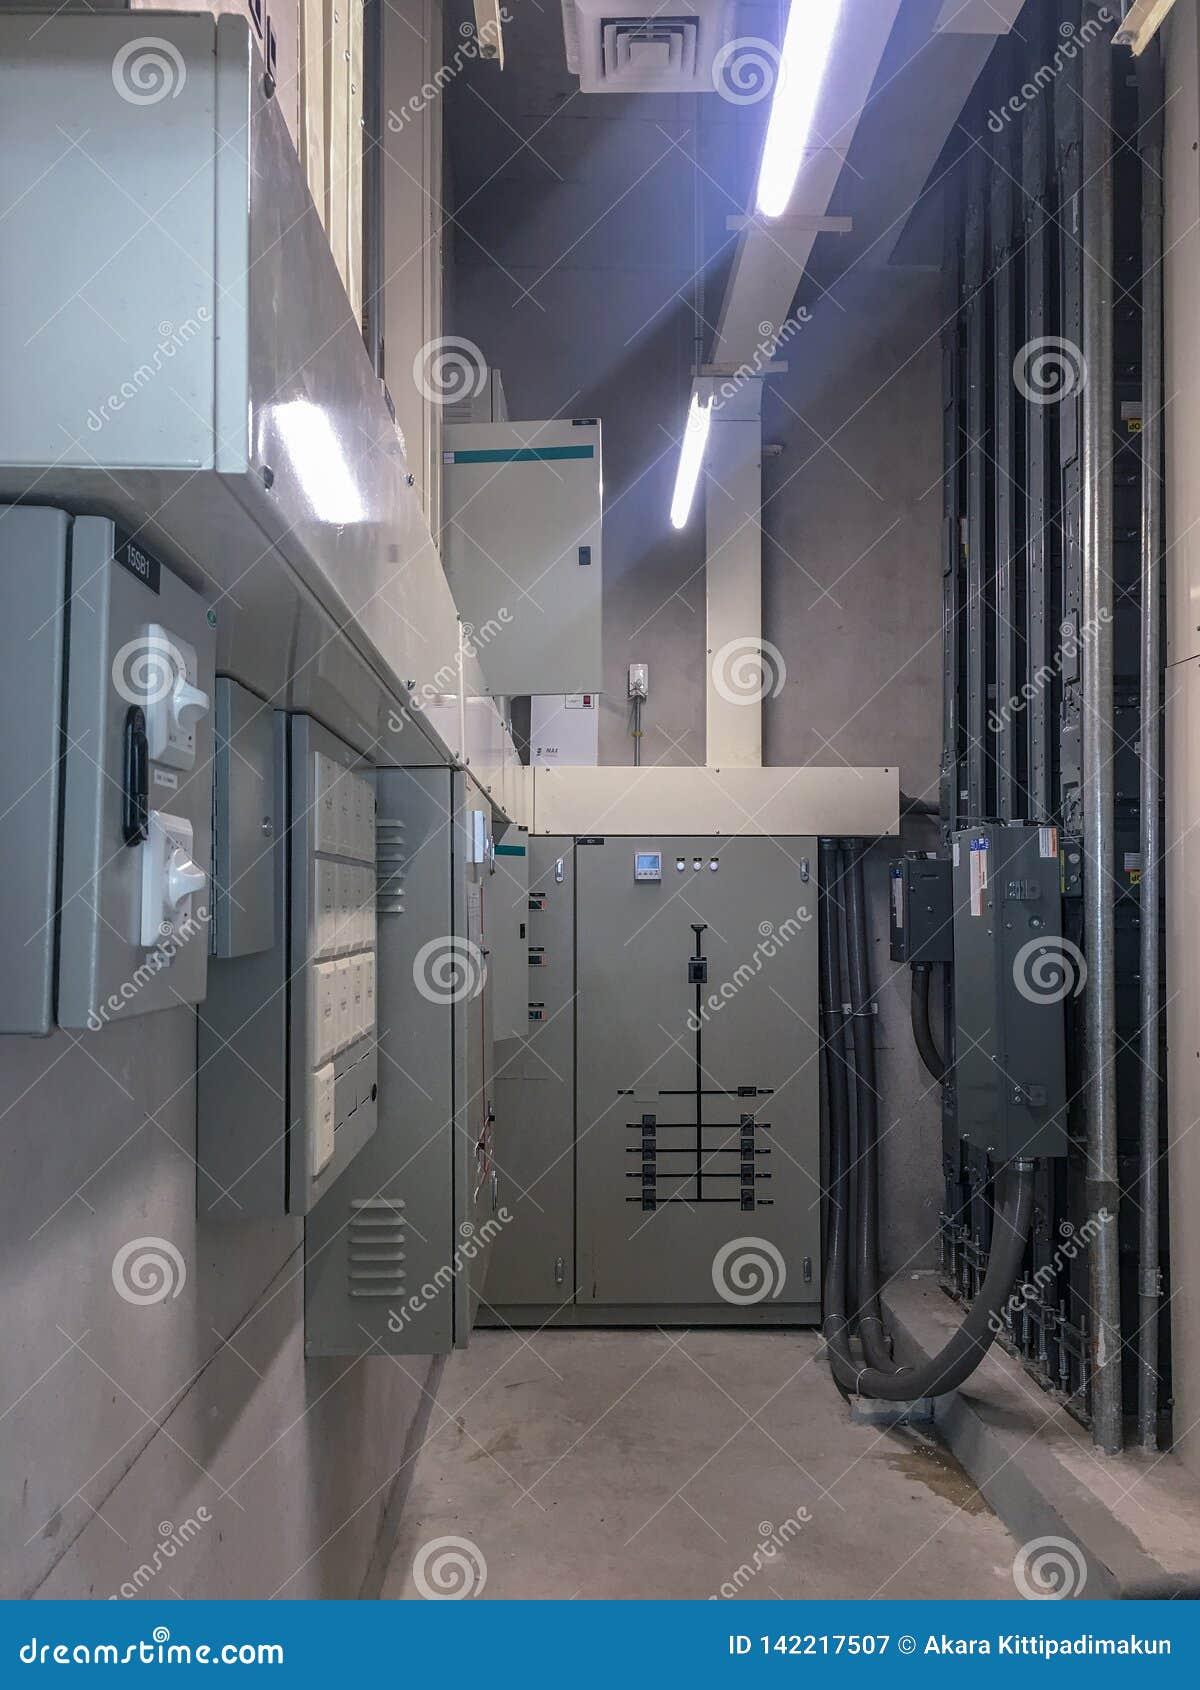 Elektrisches Gremium im elektrischen Raum zur Steuerung und Stromnetz im Gebäude verteilen